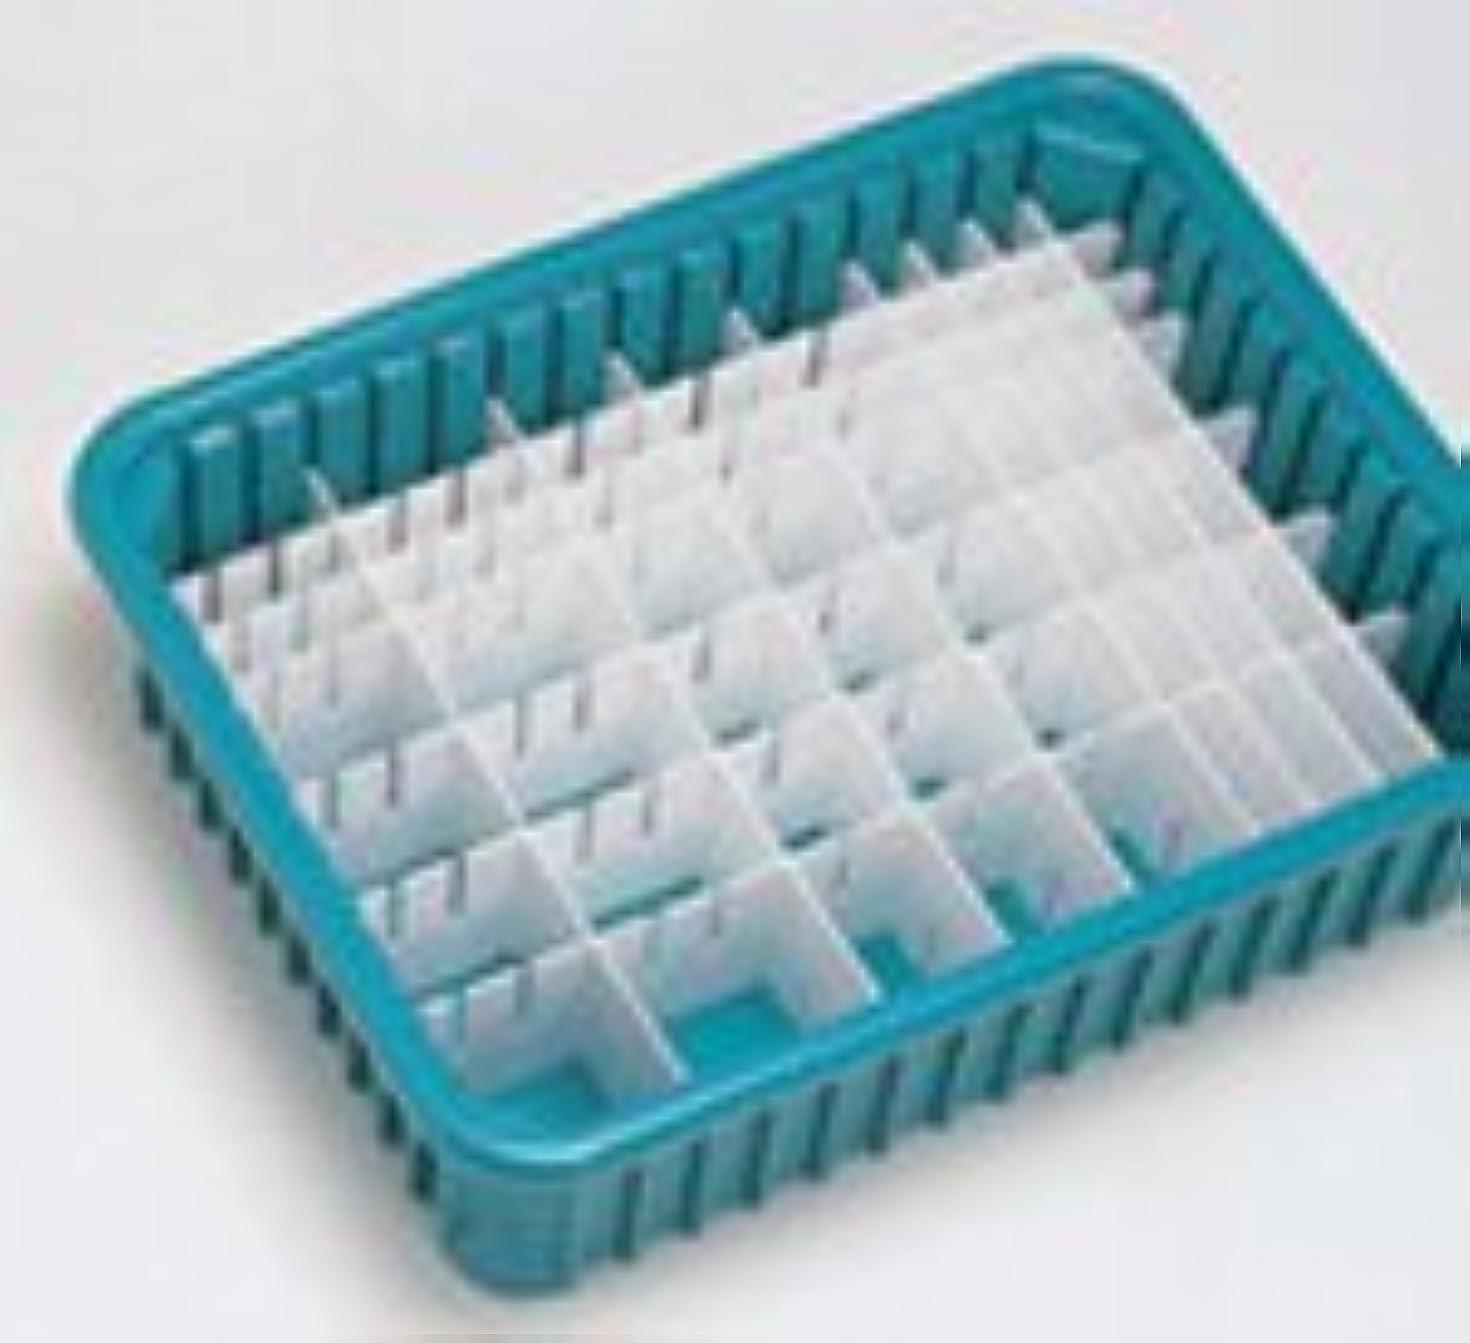 コンチネンタル一致アレルギー性LD22 プロフェッショナルエレクターオプショナルパーツ トートボックス仕切り板 間口方向(1枚)